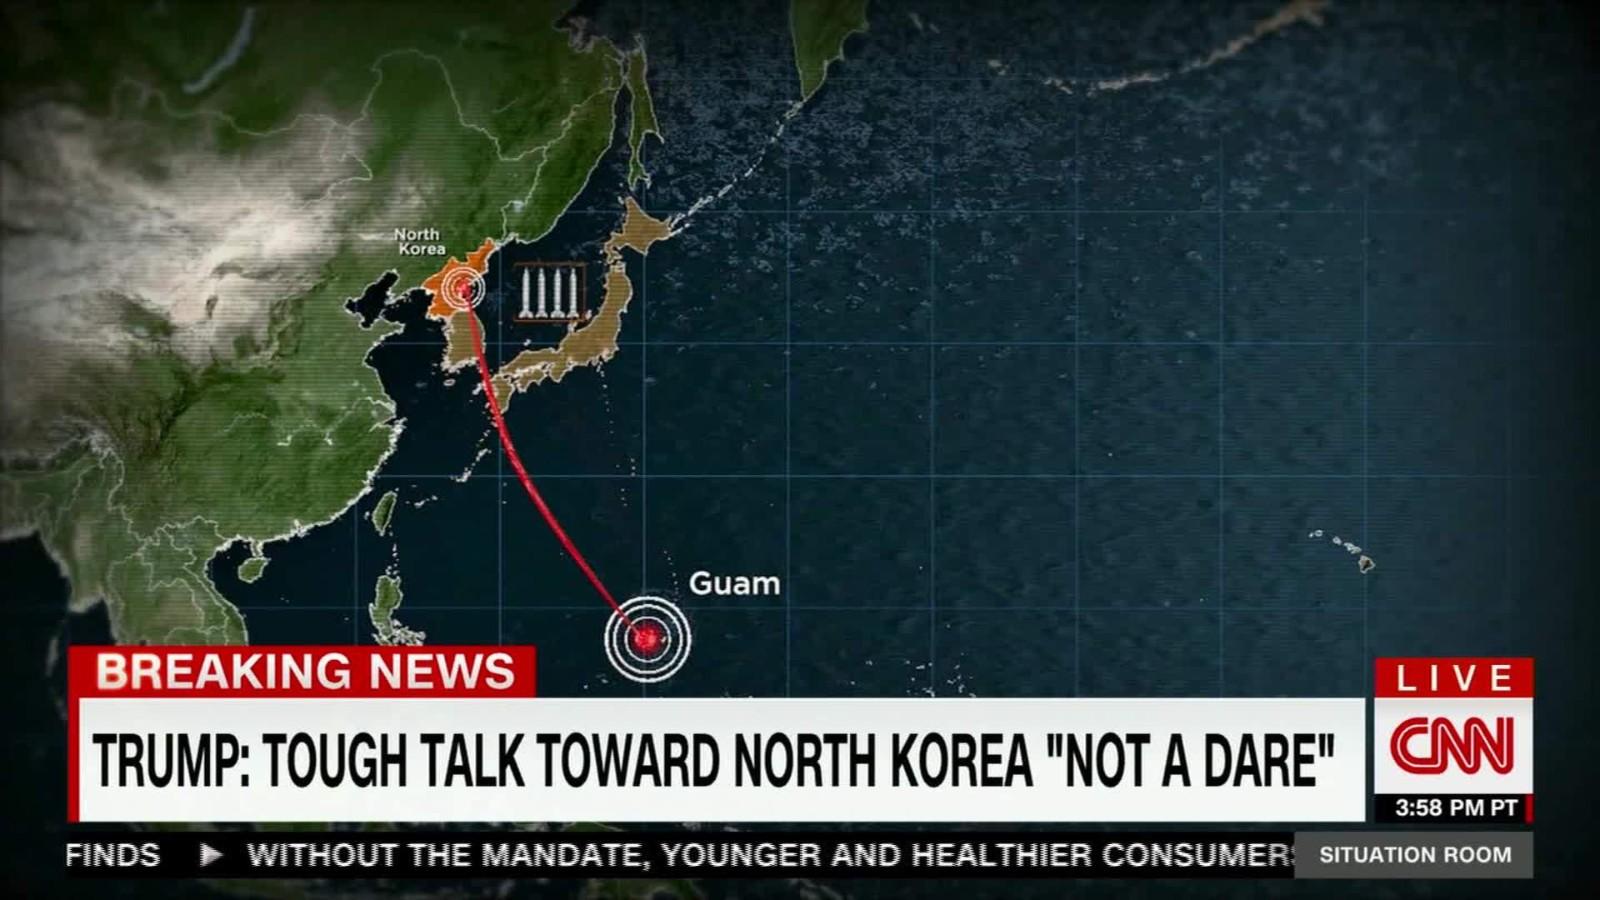 Nkorea threatens demonstration near guam cnn video gumiabroncs Gallery